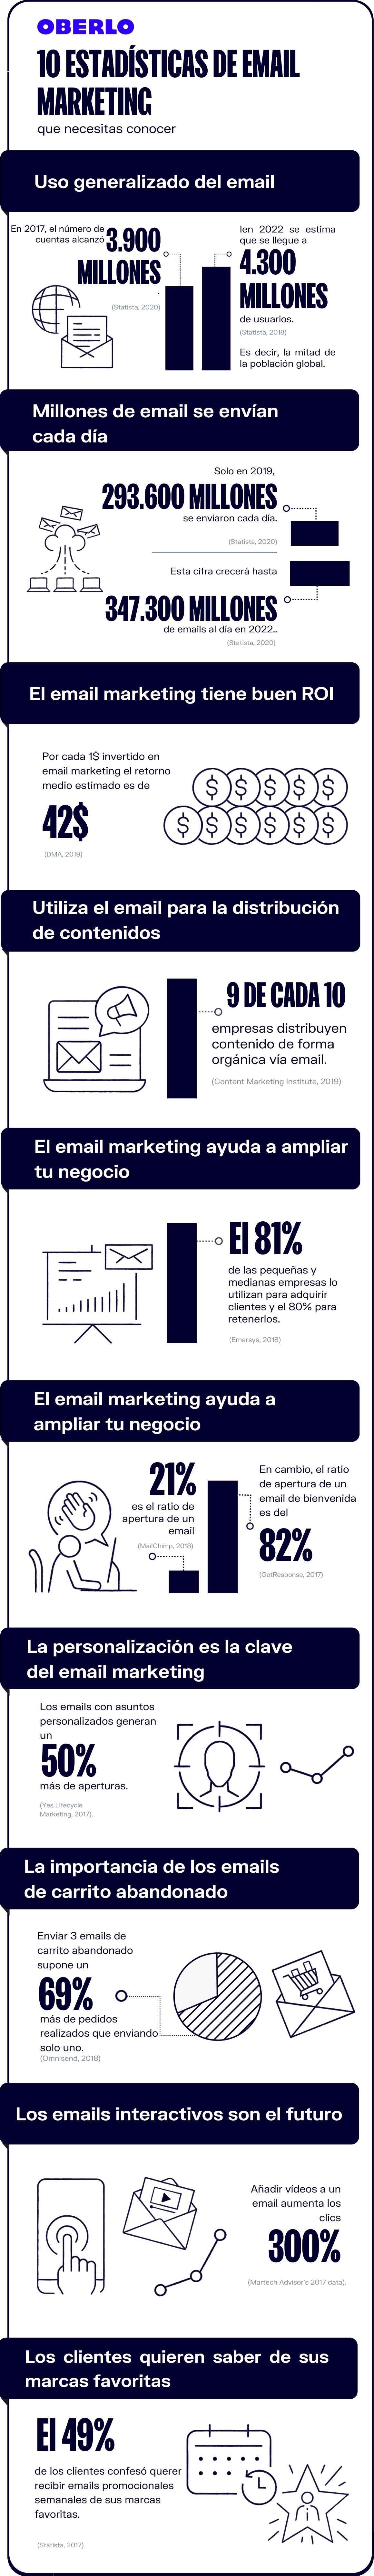 Marketing por correo electrónico en cifras